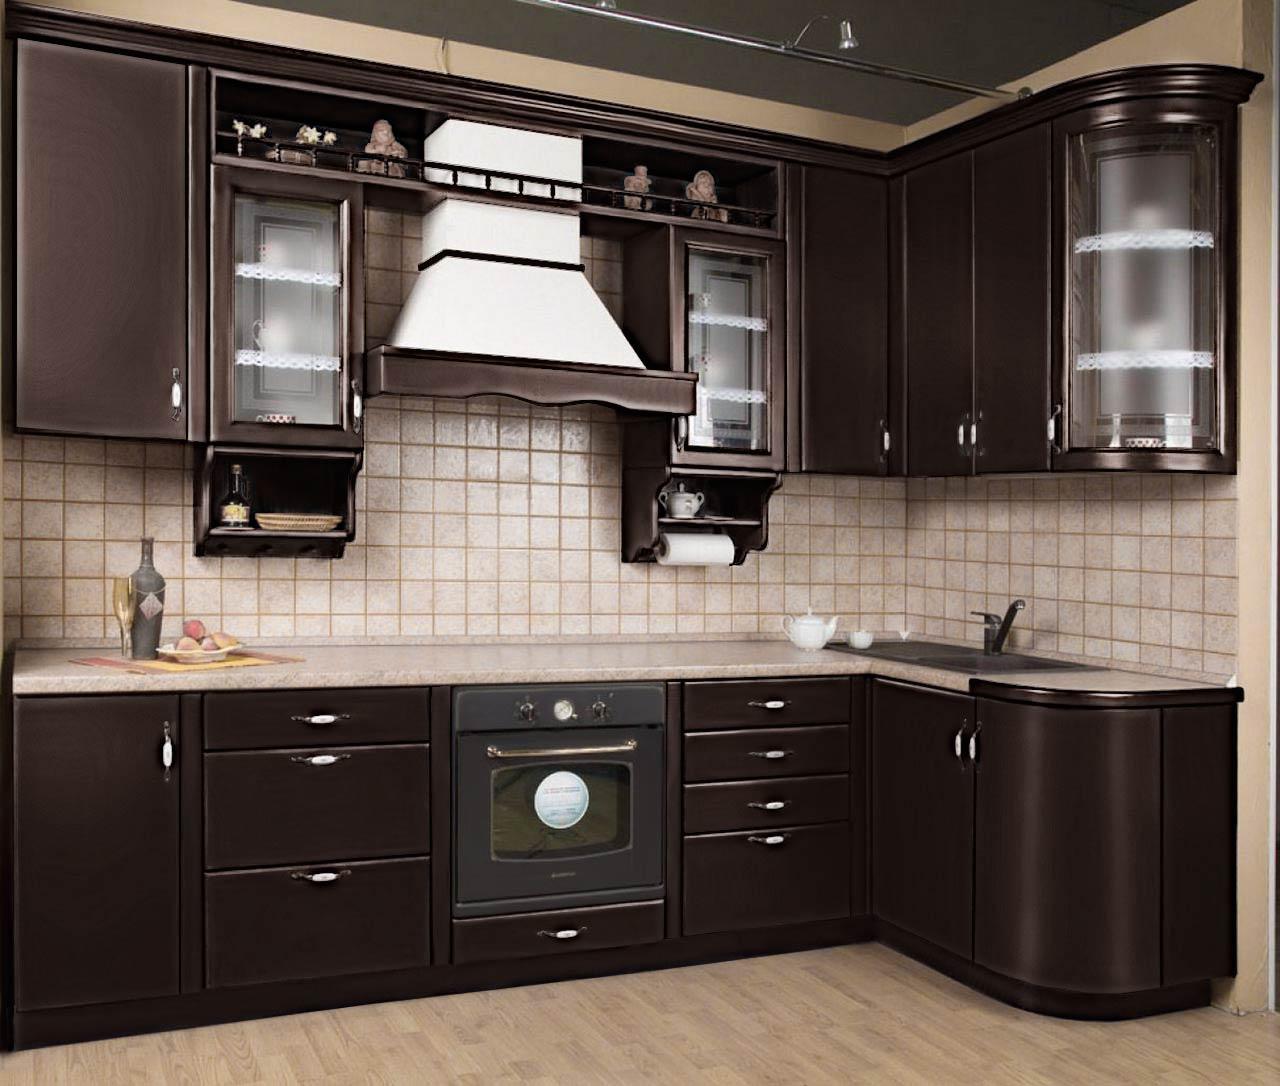 фасад МДФ Темно-коричневый кухонный фасад идеально впишется в стили минимализм, хай-тек и модерн. Поверхность глянцевая, устойчива к пагубному воздействию солнечных лучей. Не истирается даже под действием чистящих средств. Простота и легкость ухода великолепно сочетаются с отличной ударостойкостью и влагостойкостью. Пленочные фасады экологически безопасны, не выделяют вредных веществ. Долгий срок службы.